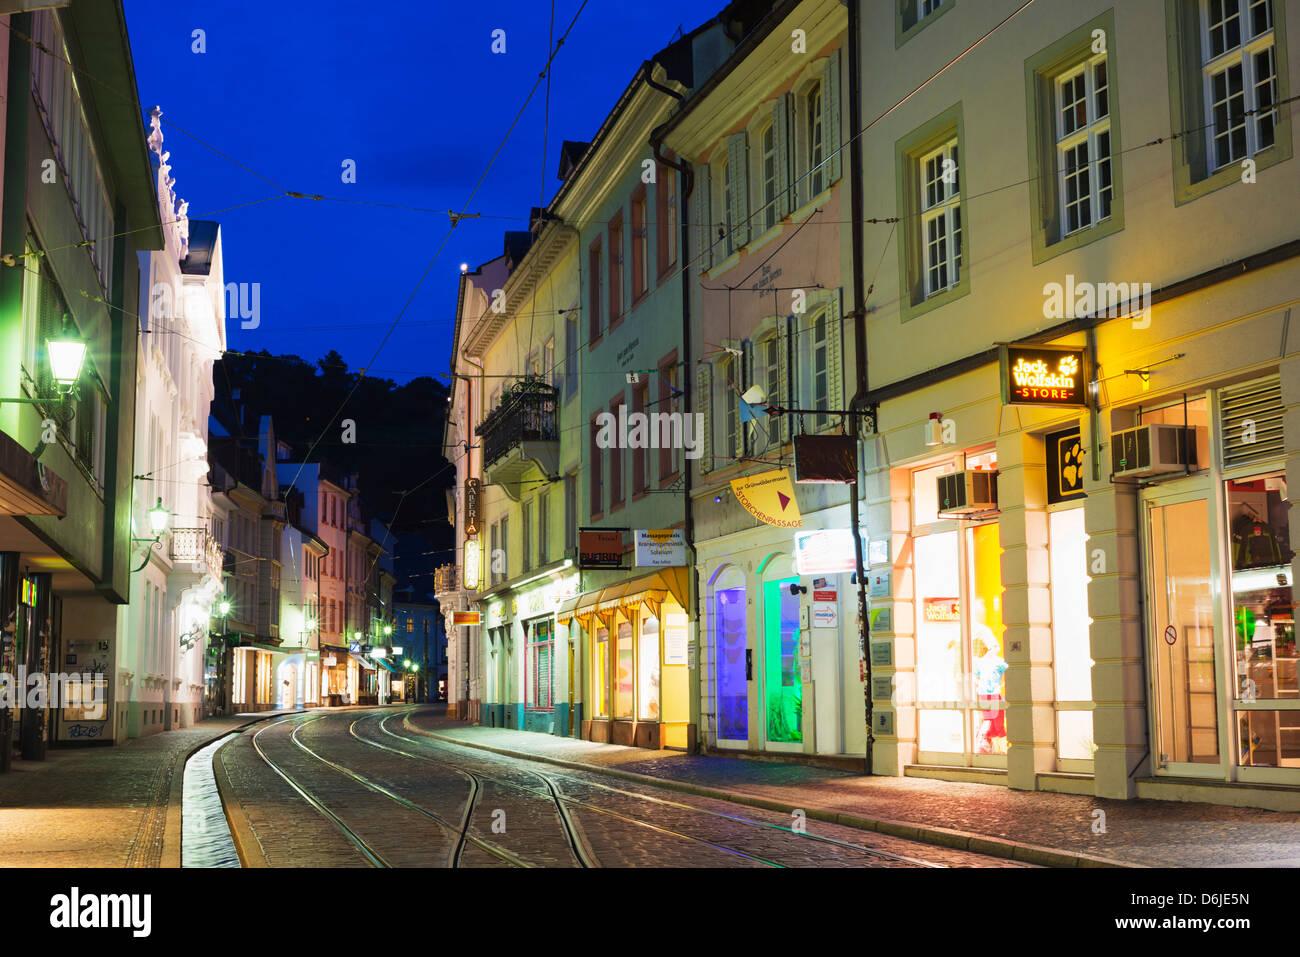 Freiburg, Baden-Wurttemberg, Germany, Europe - Stock Image